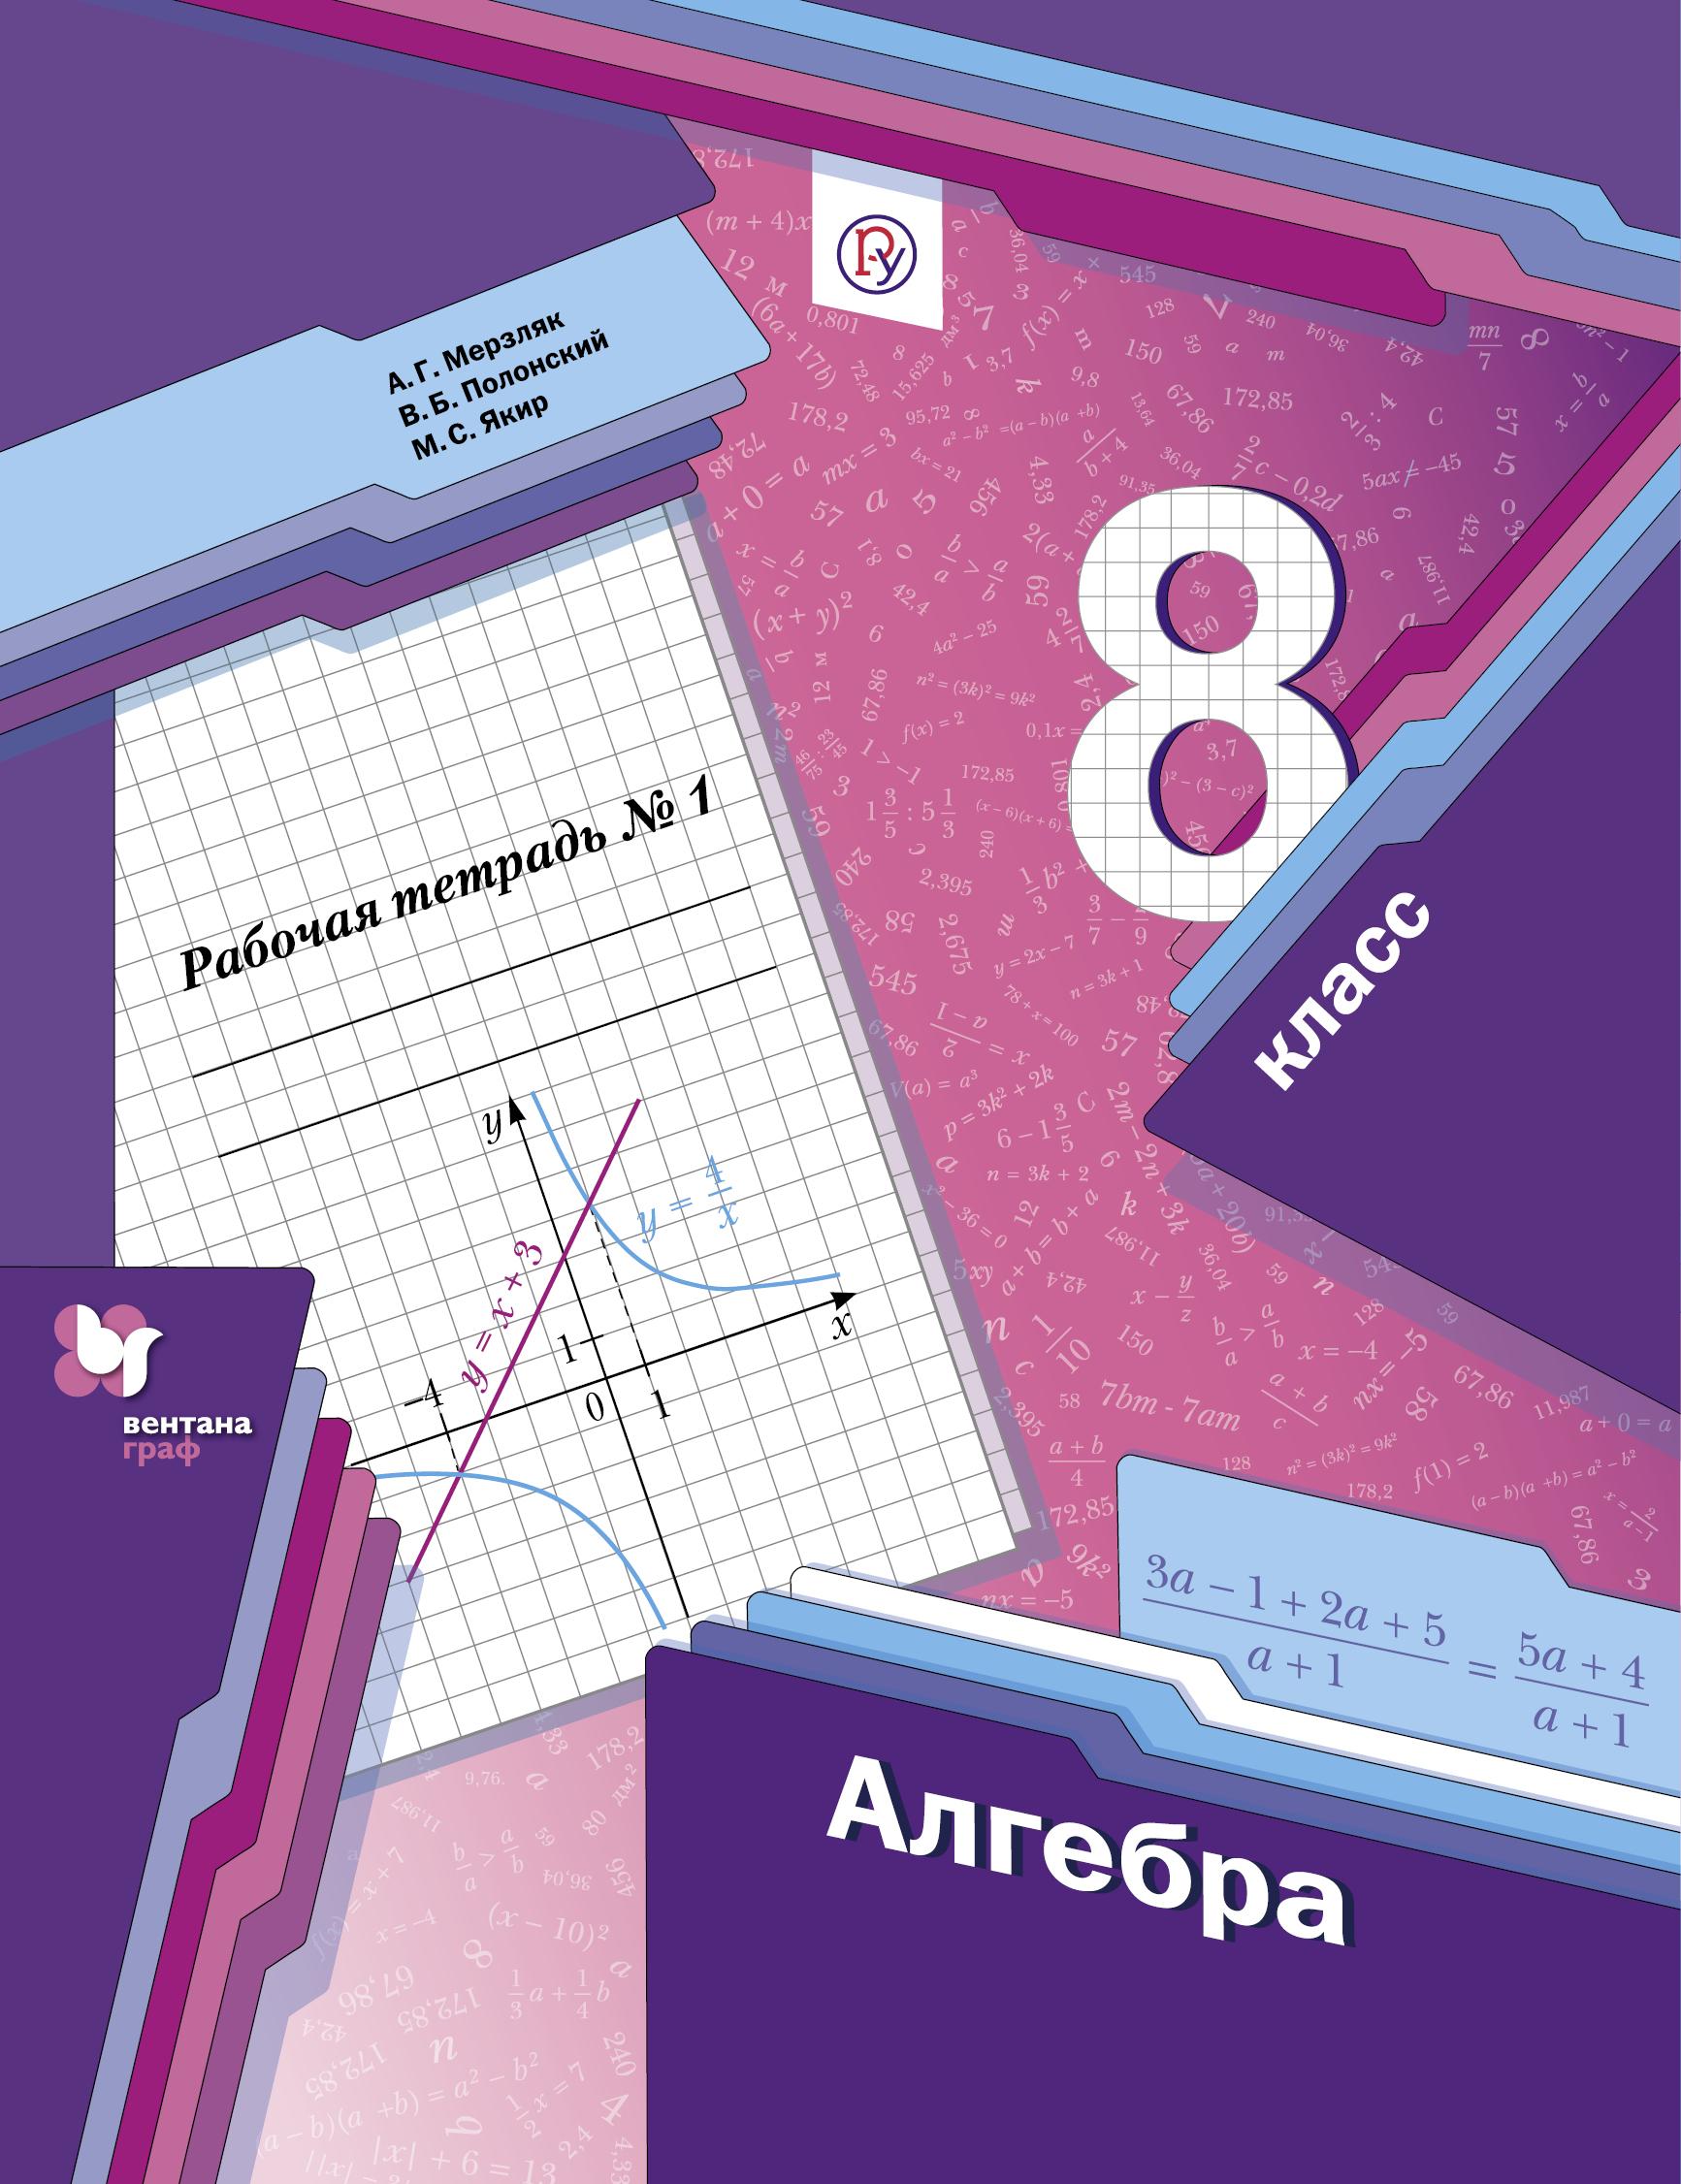 Фгос материал дидактический вентана-граф алгебра гдз 7 мерзляк класс